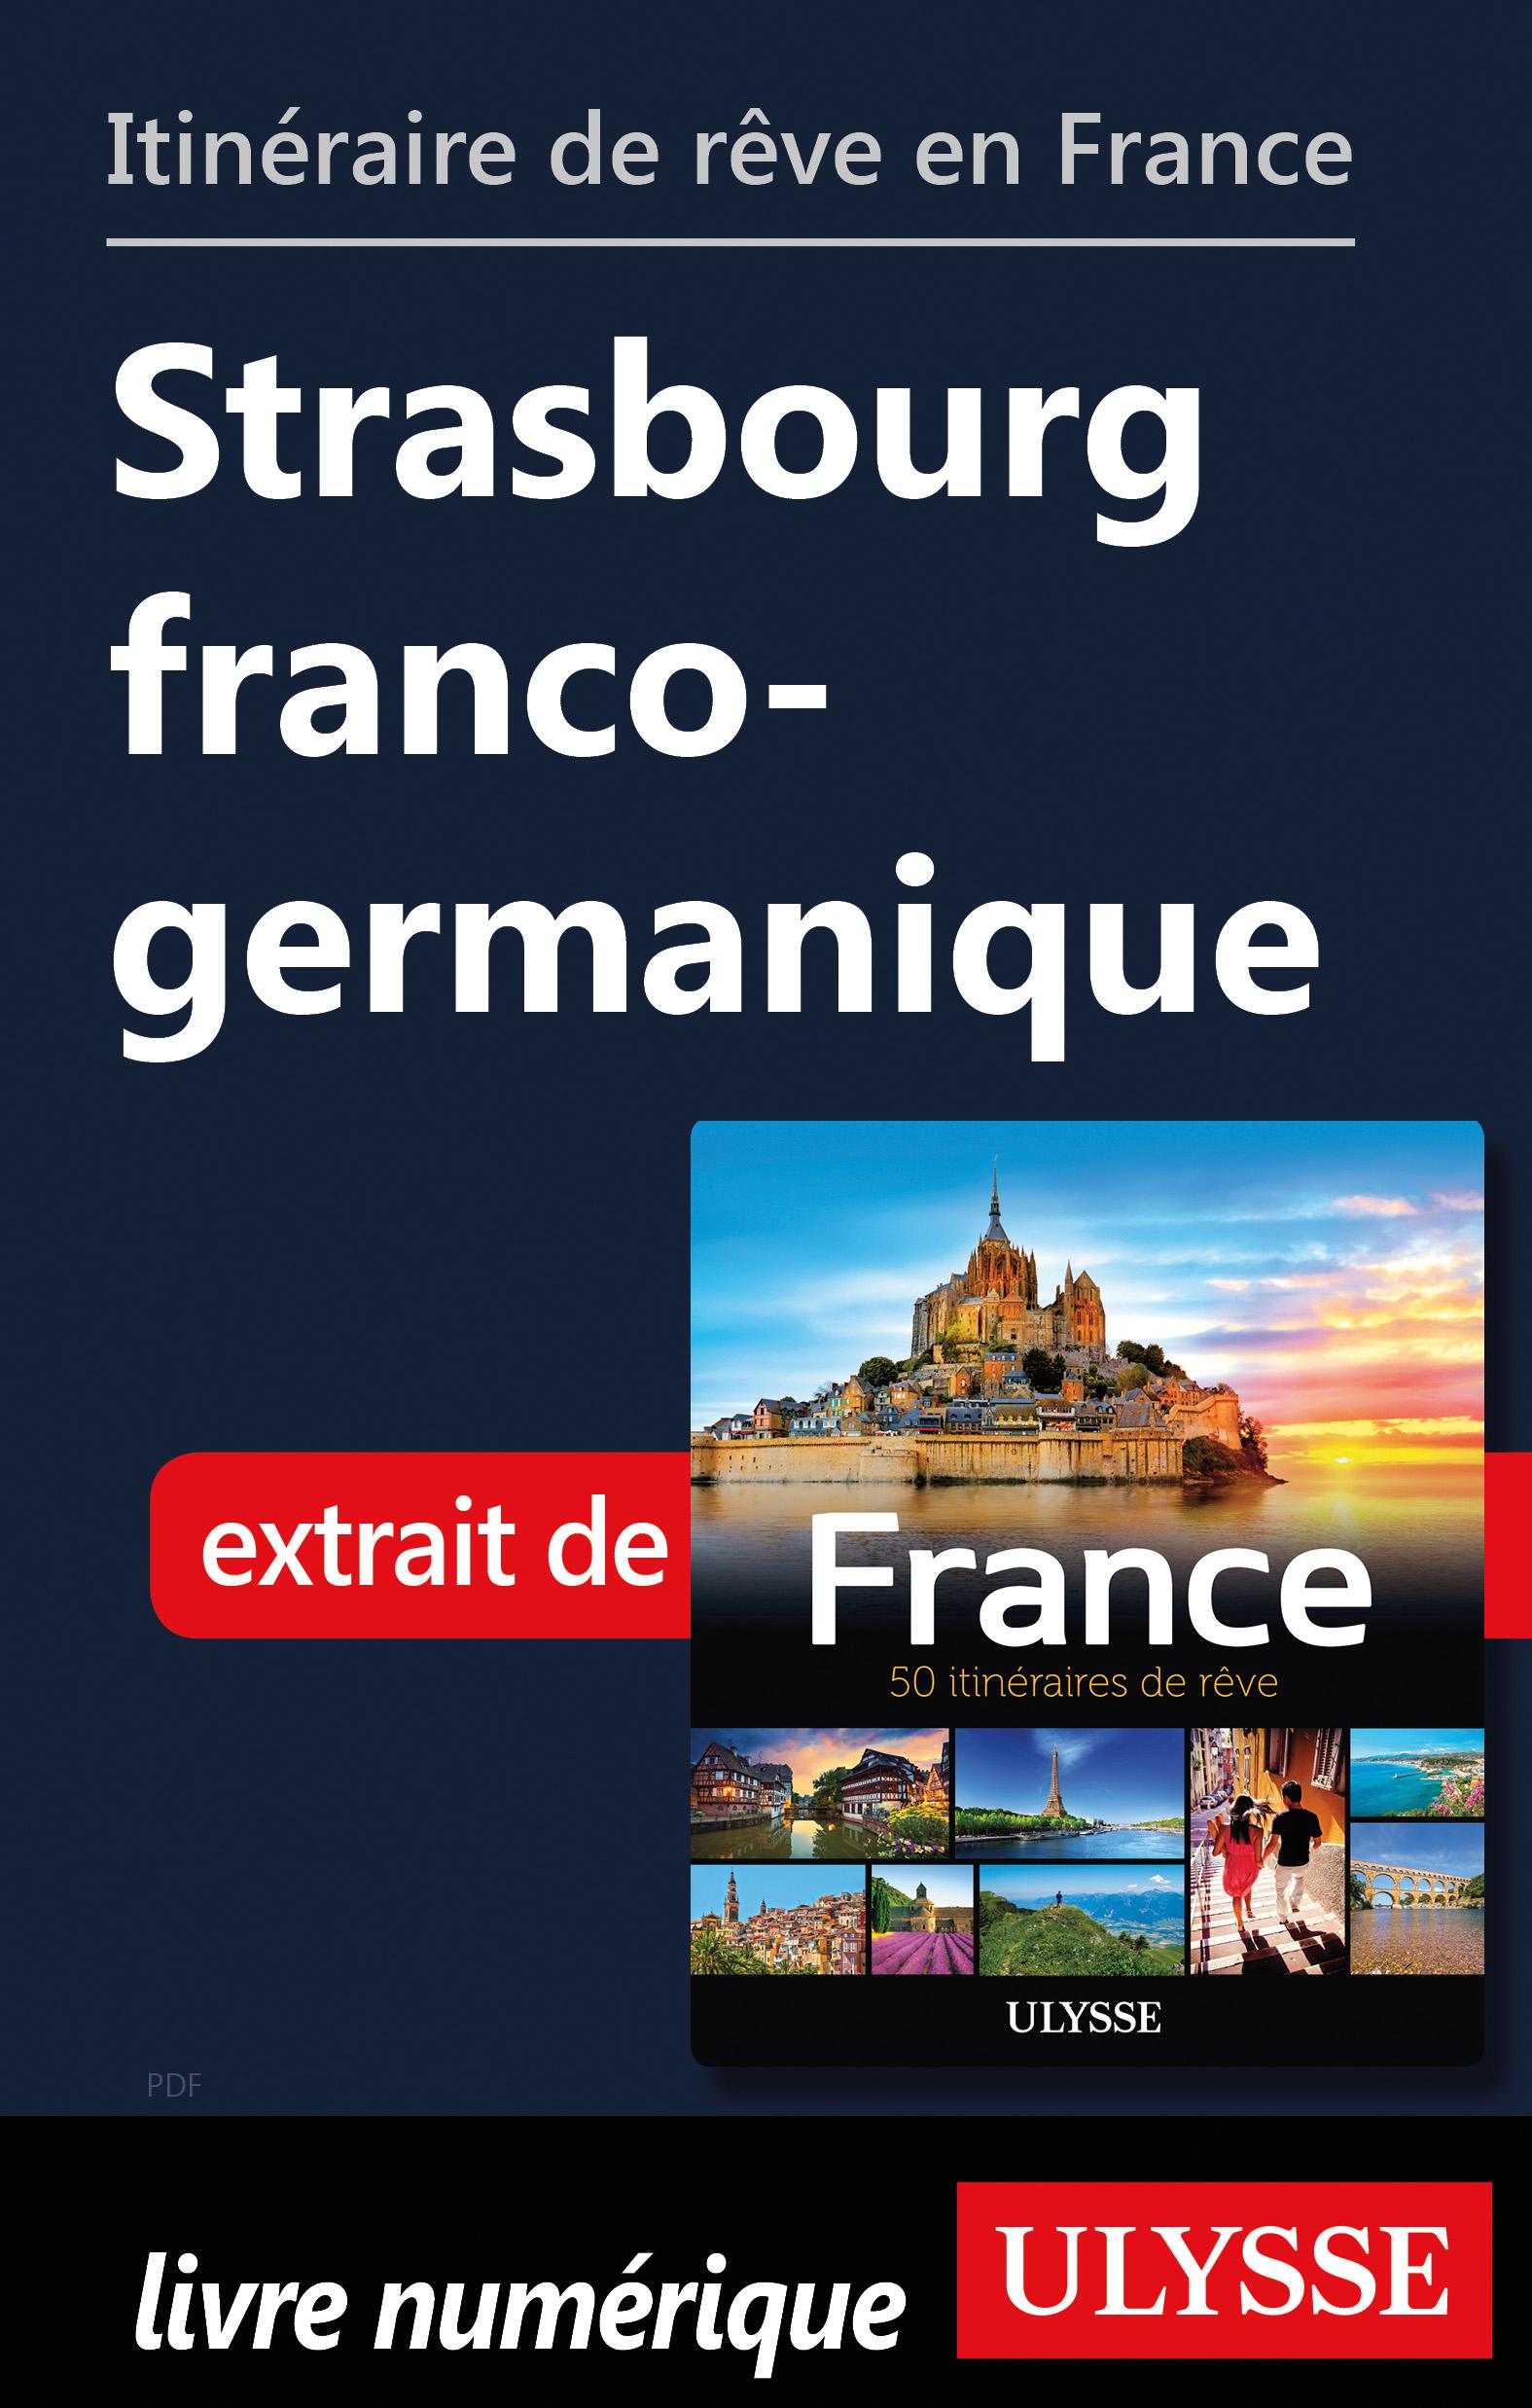 Itinéraire de rêve en France - Strasbourg franco-germanique